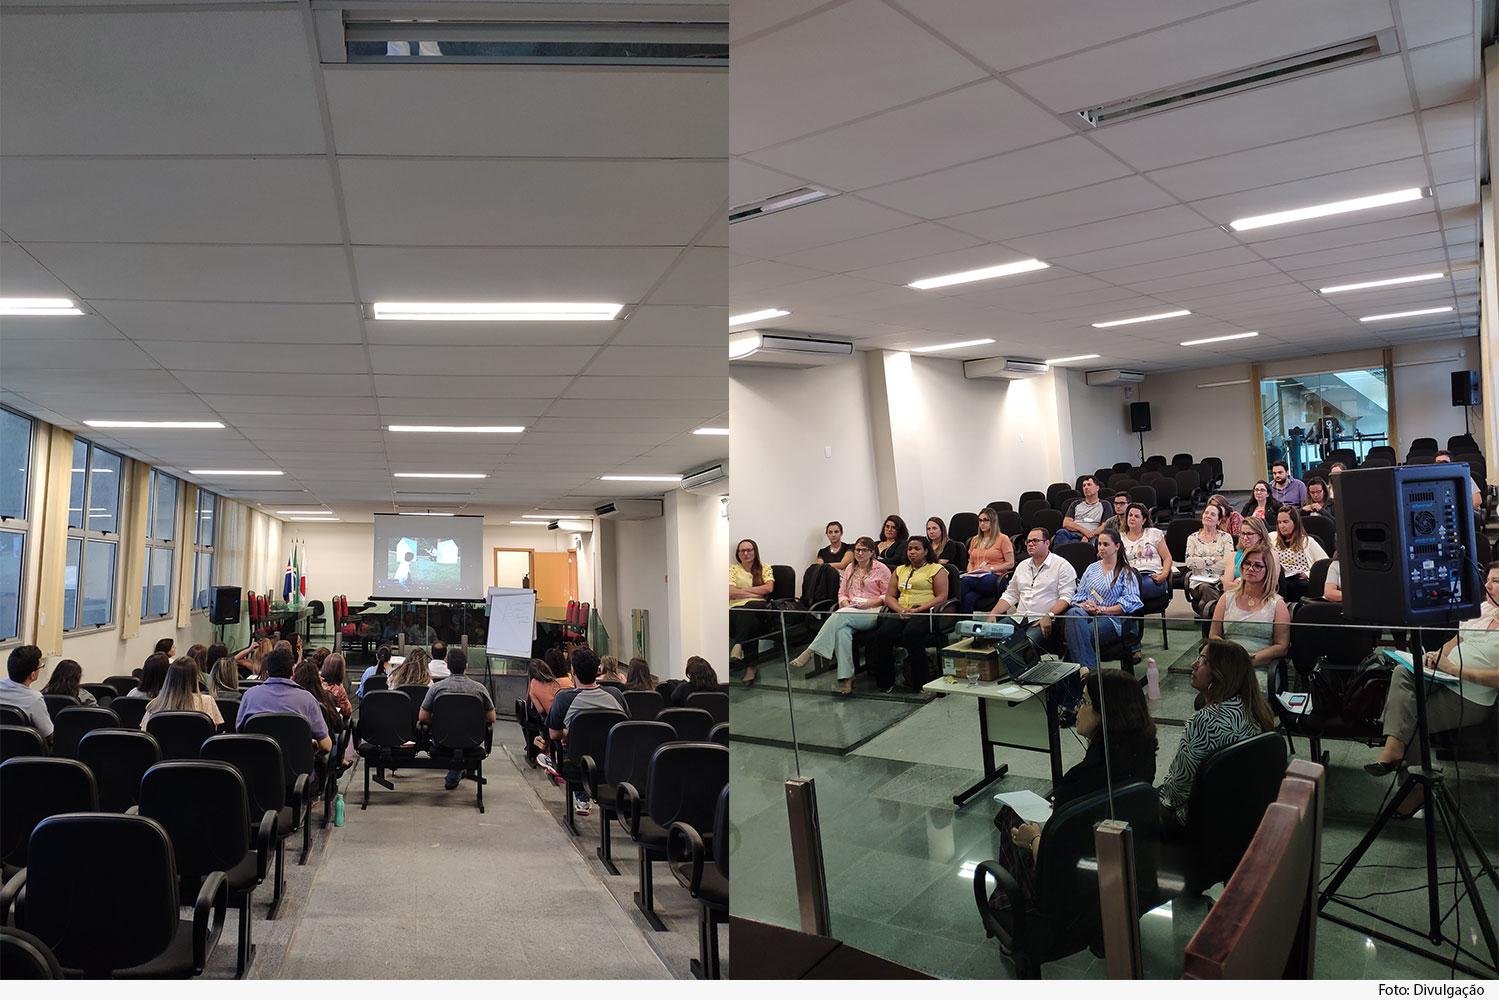 Montagem de fotos: Público assiste a palestra, visto do fundo e de frente